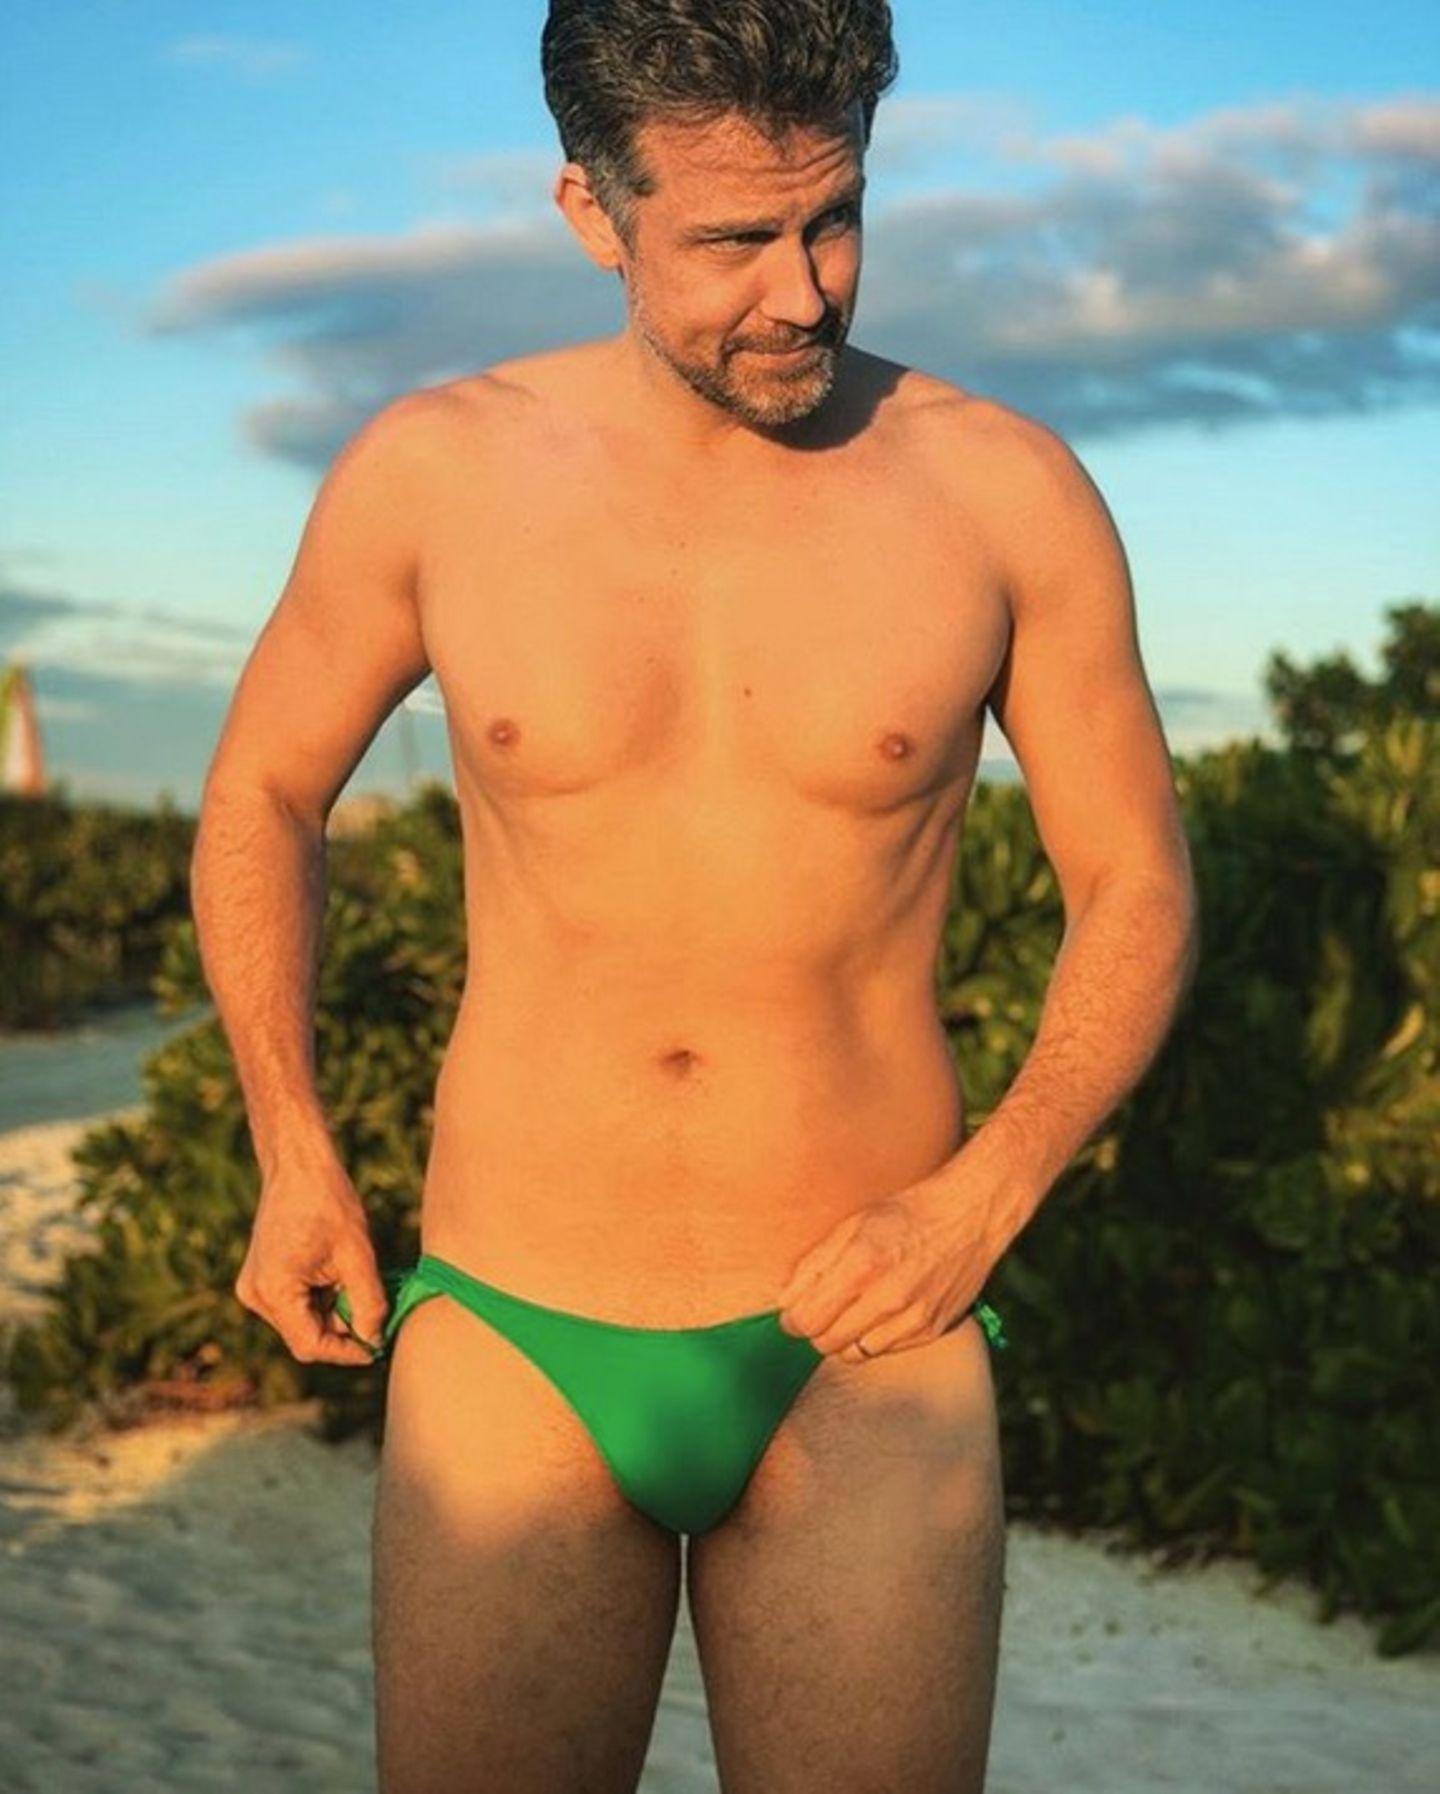 17. Januar 2019  Die geforderten Likes sind weit übertroffen. So bleibt Wayne Carpendale nichtsanderes übrig, als seine Wettschulden einzulösen. Voilà, hier ist das Bikini-Bild von vorne.